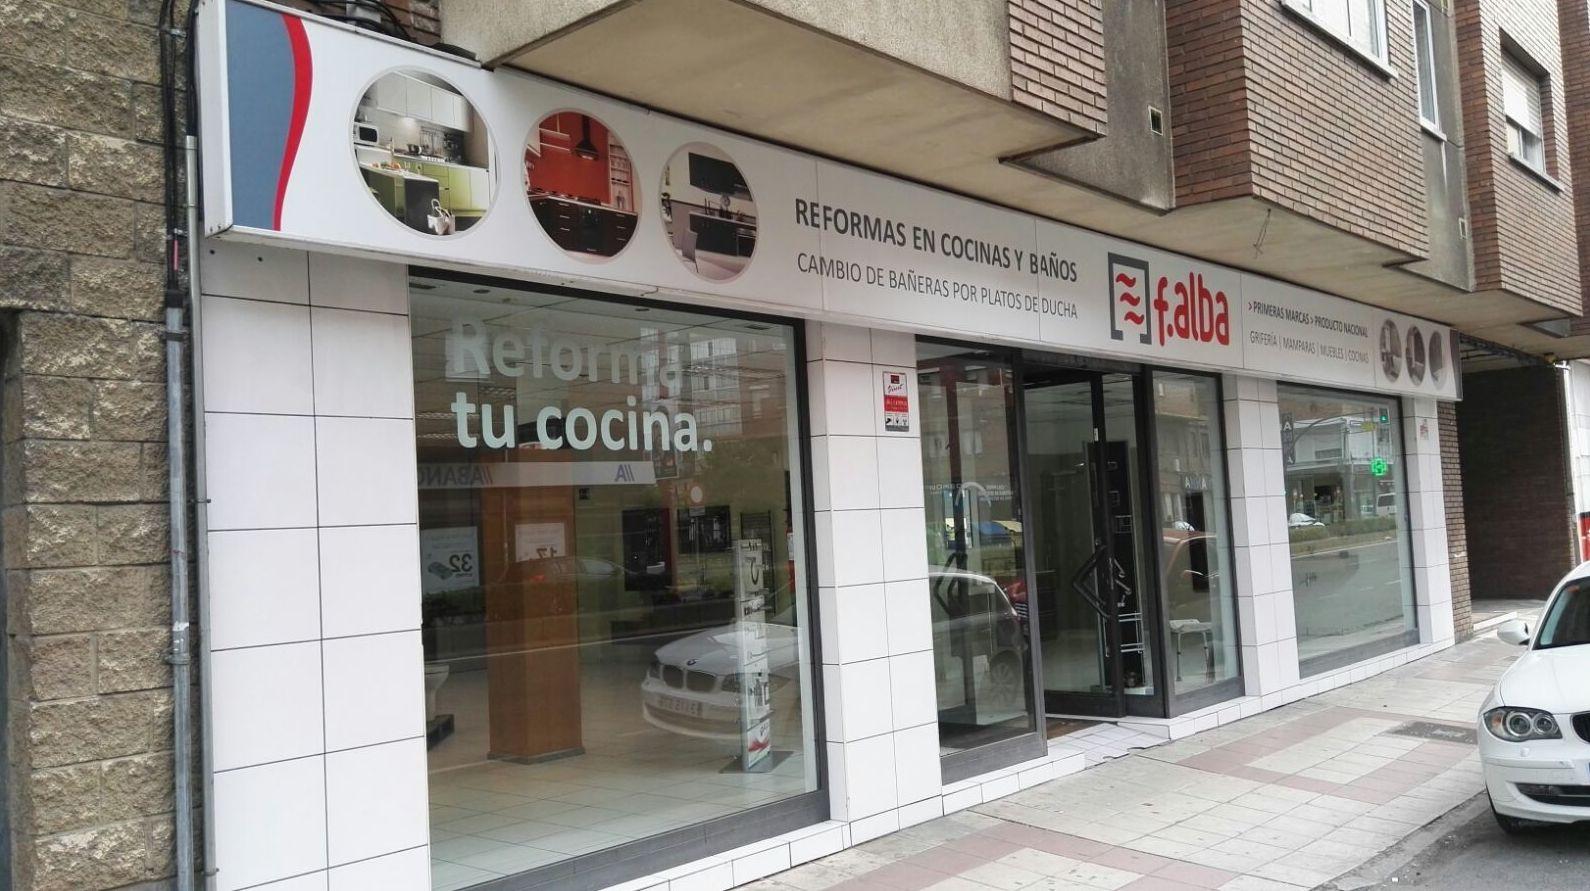 Teinda especializada en muebles de cocina y baño en León